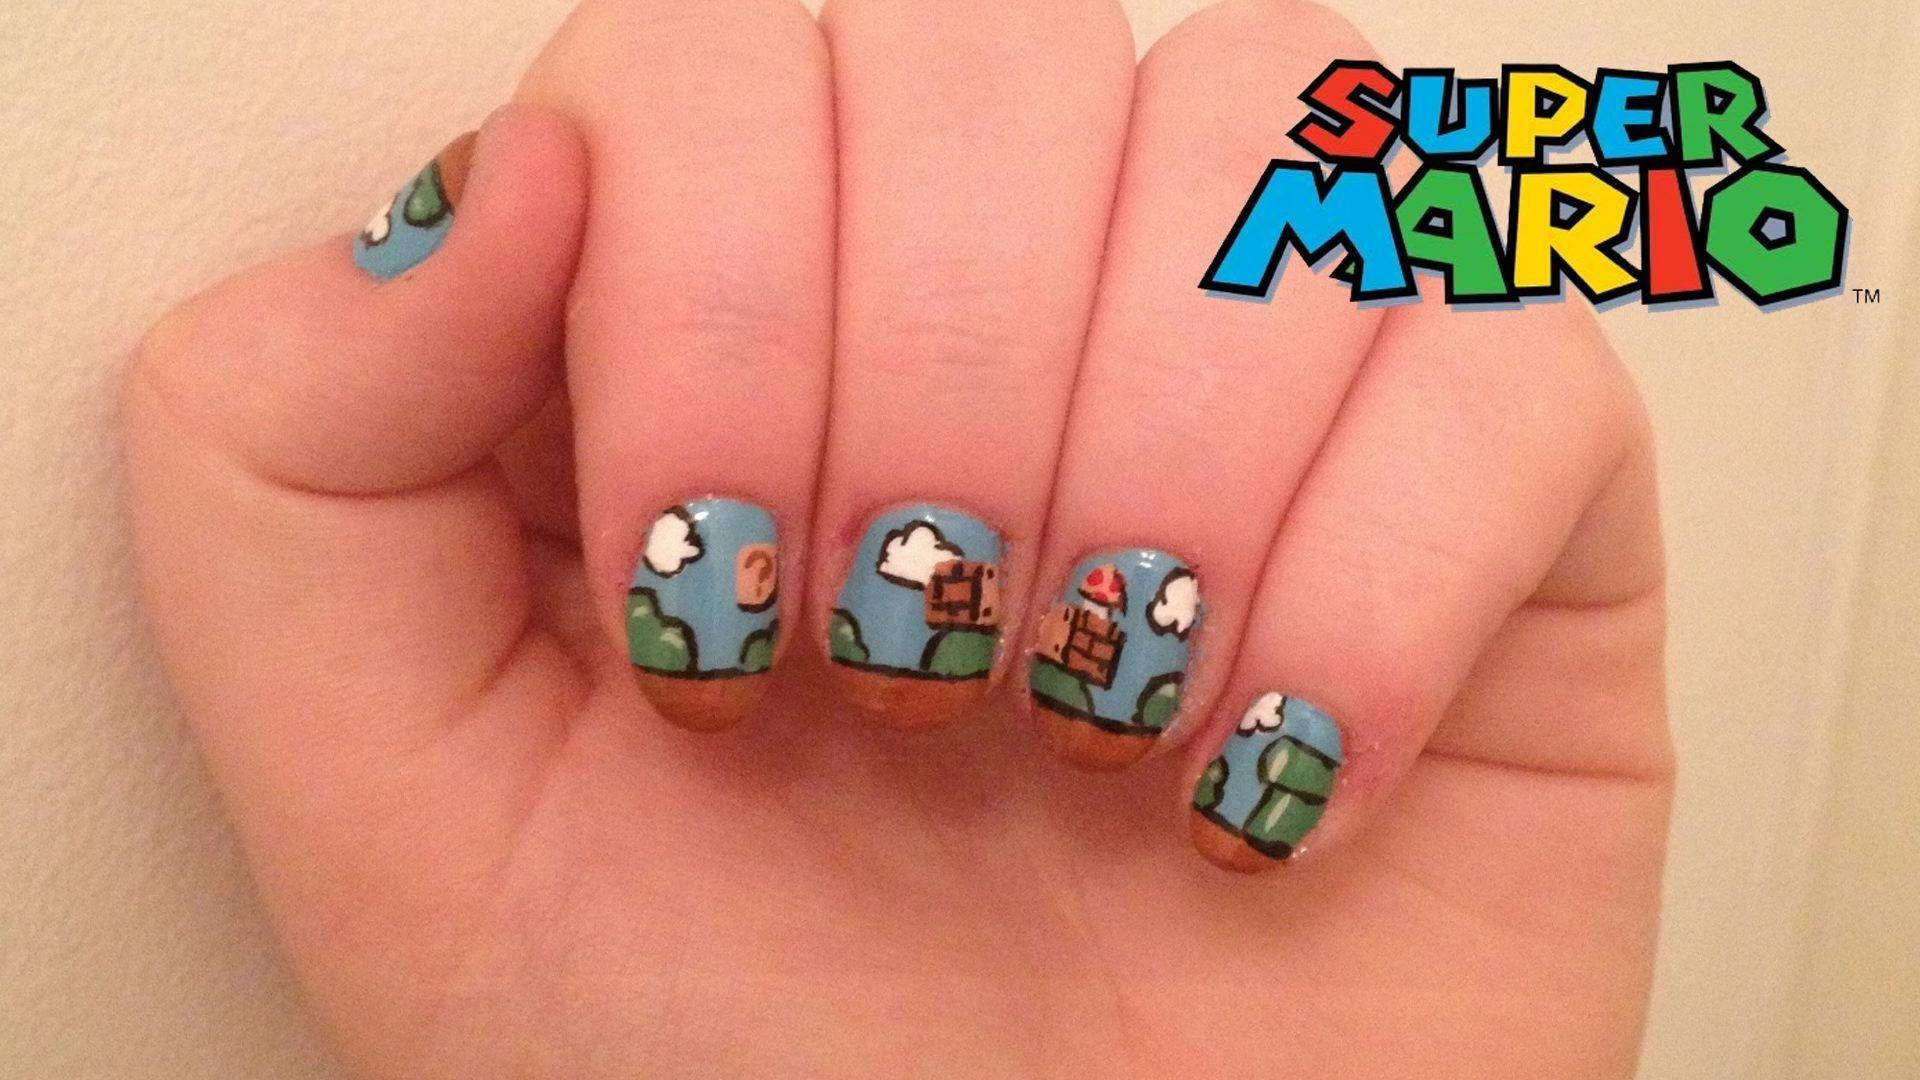 Super Mario Nails | Nail Art Stuff | Pinterest